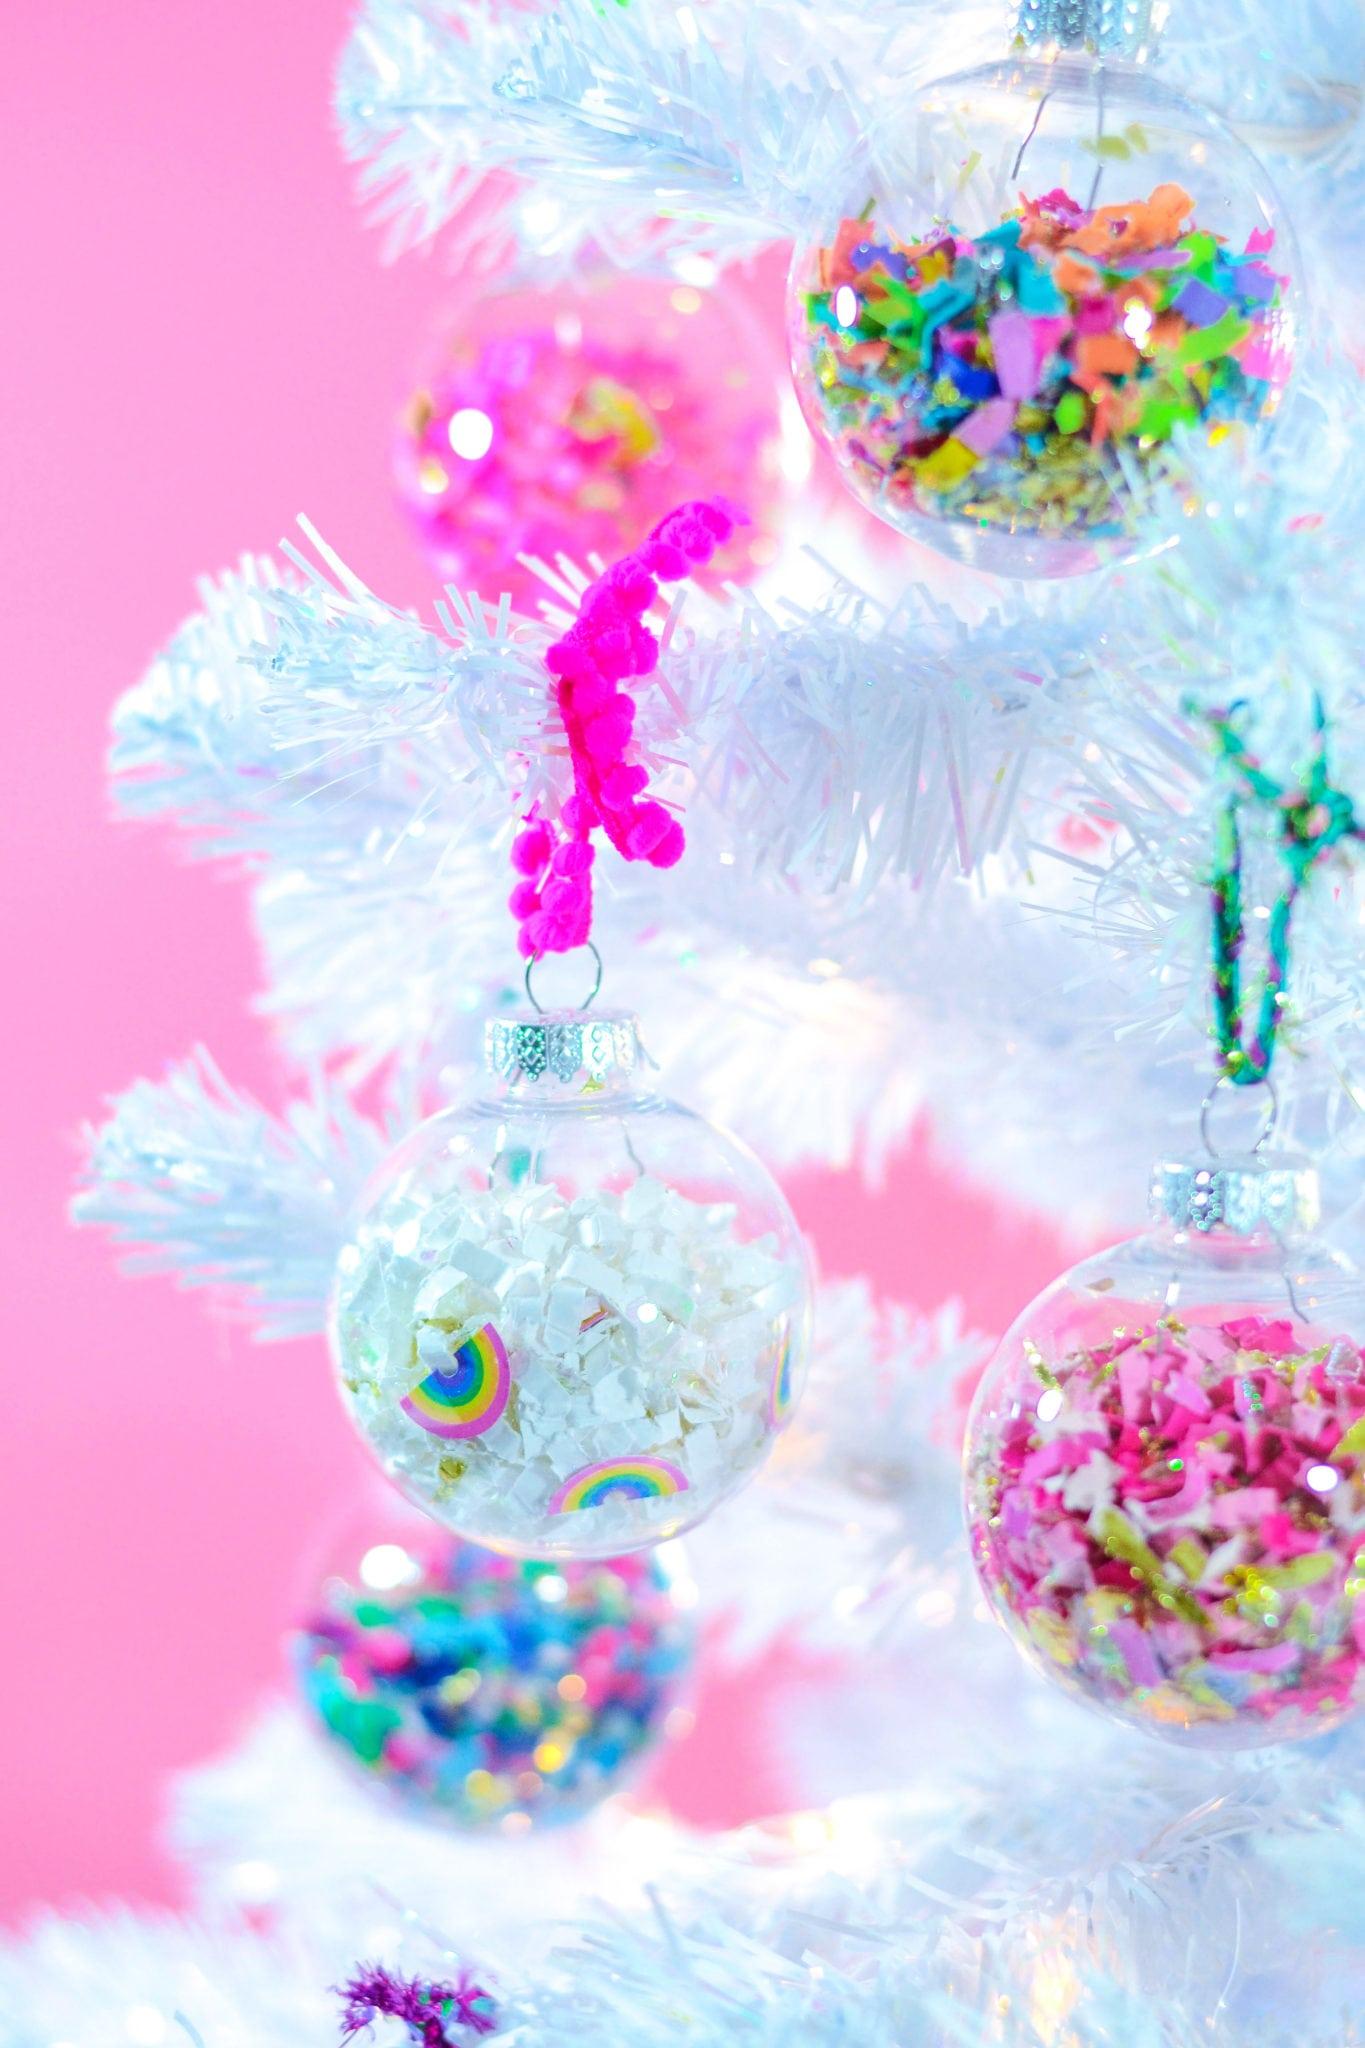 DIY Confetti Holiday Ornaments